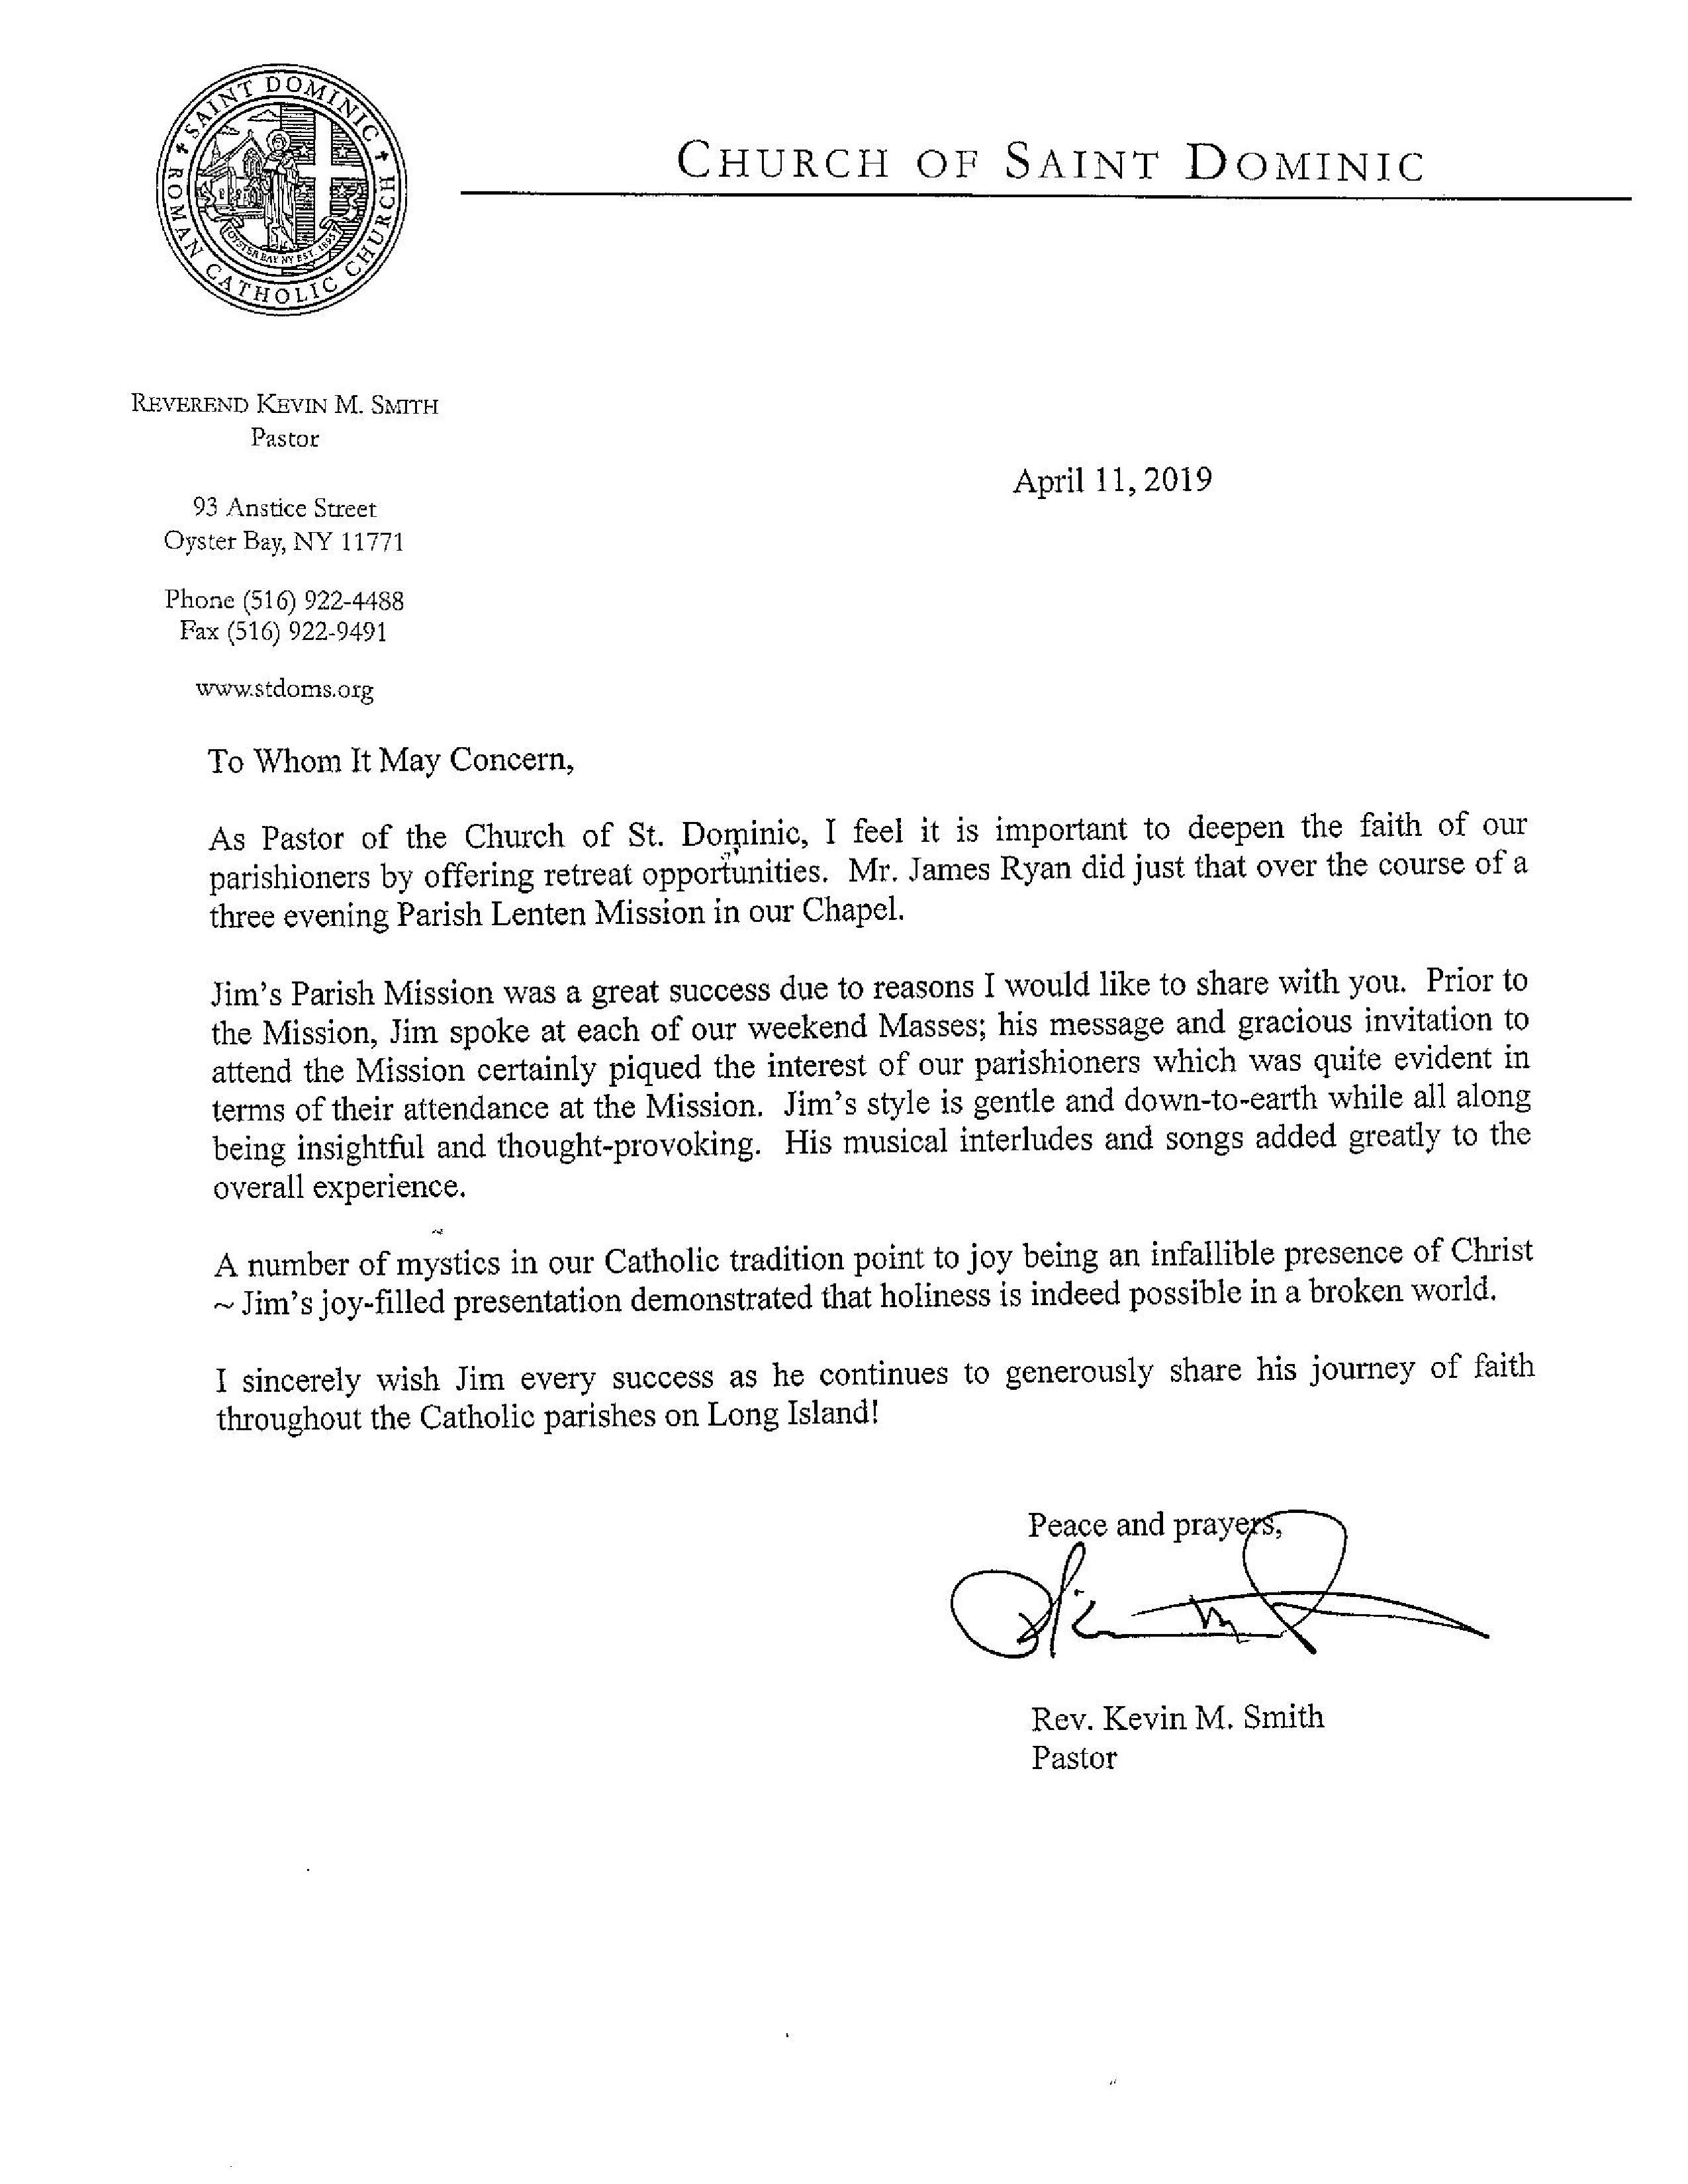 Pastor Letter